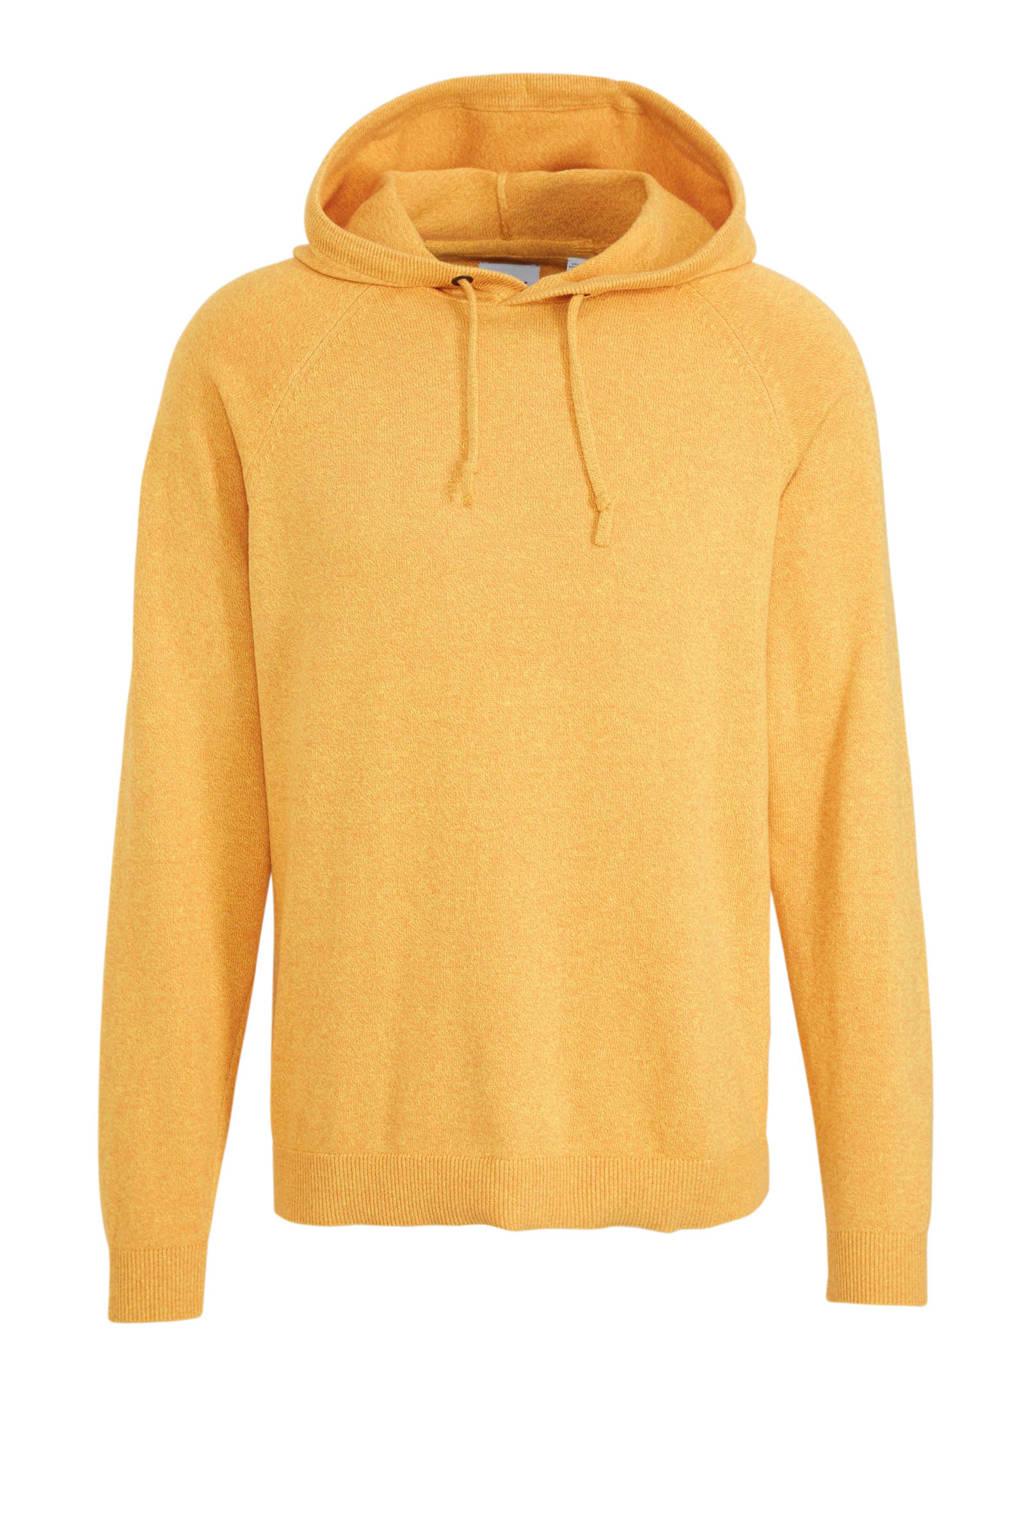 ONLY & SONS hoodie geel, Geel